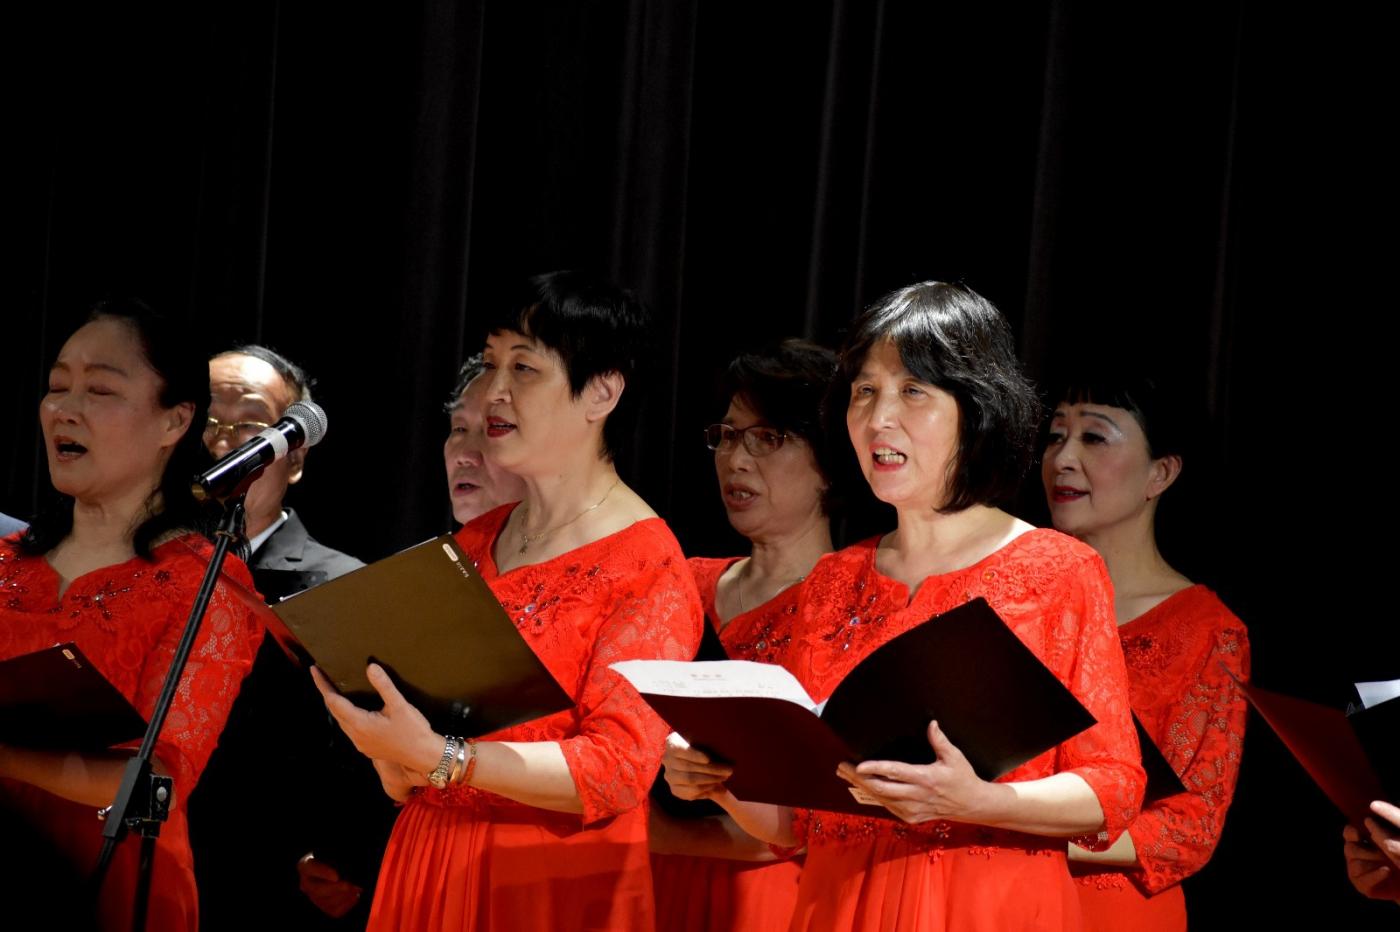 中国民歌集粹音乐会 (1)_图1-6